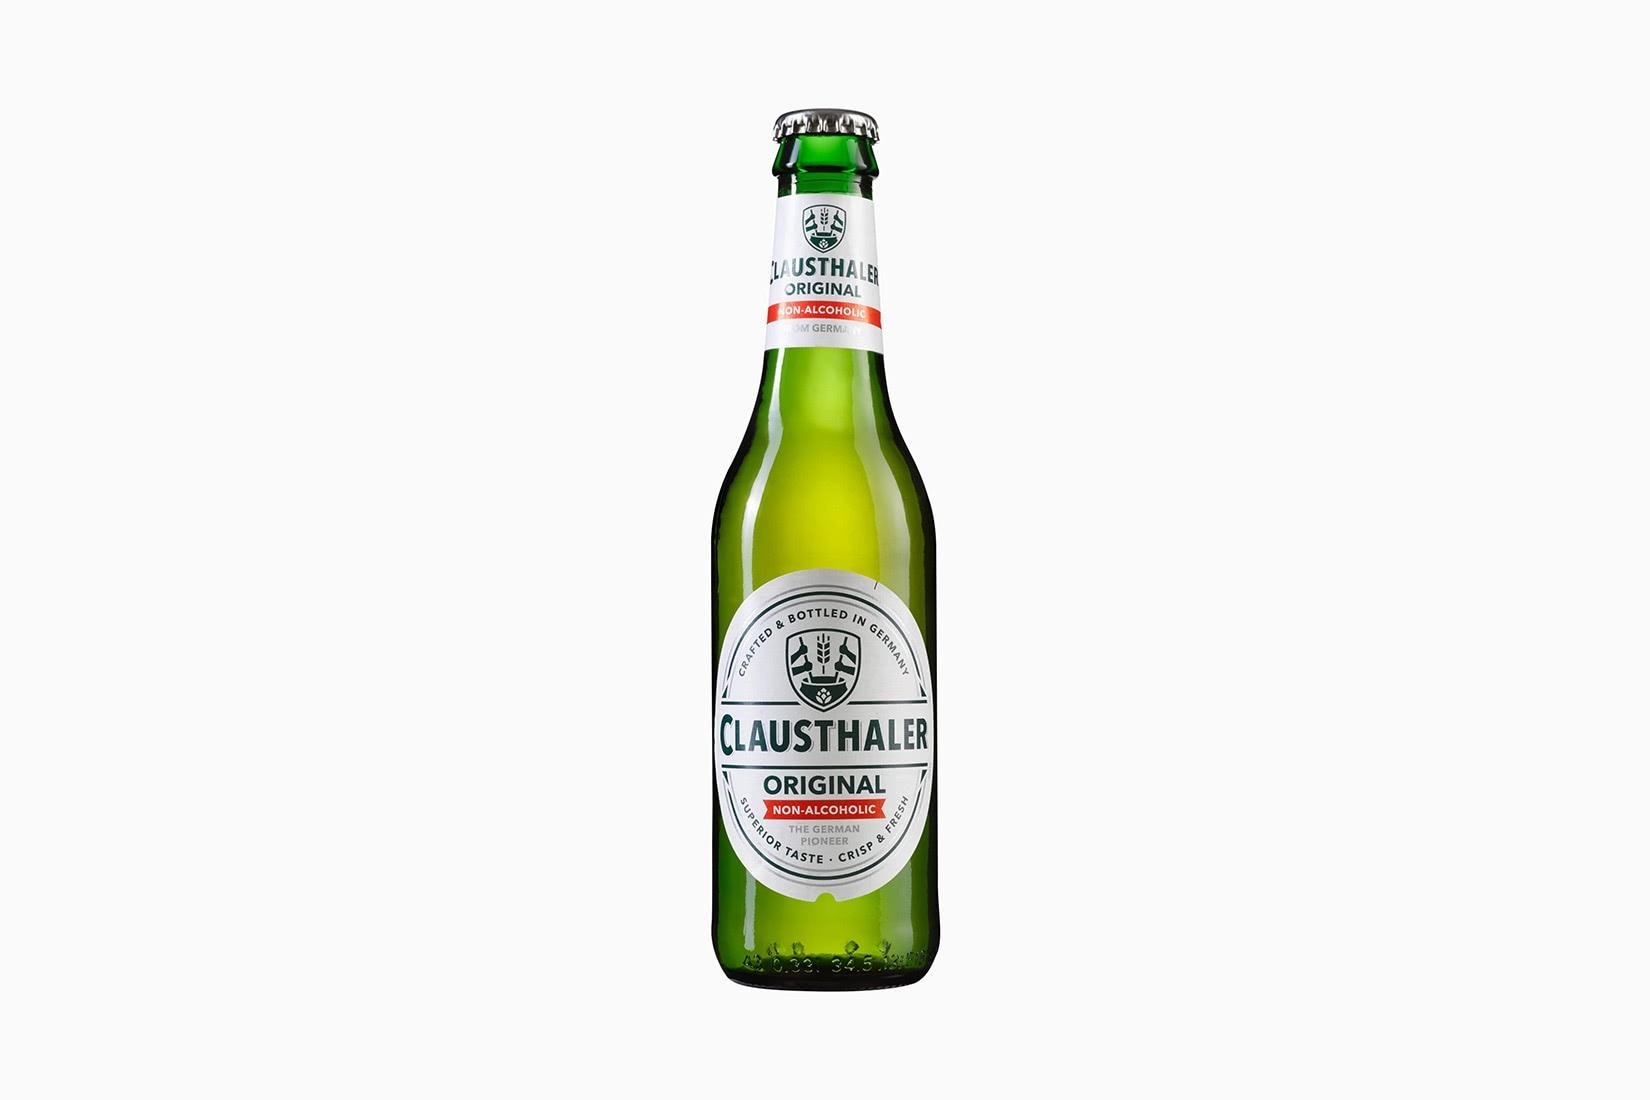 best beer brands clausthaler original non-alcoholic - Luxe Digital